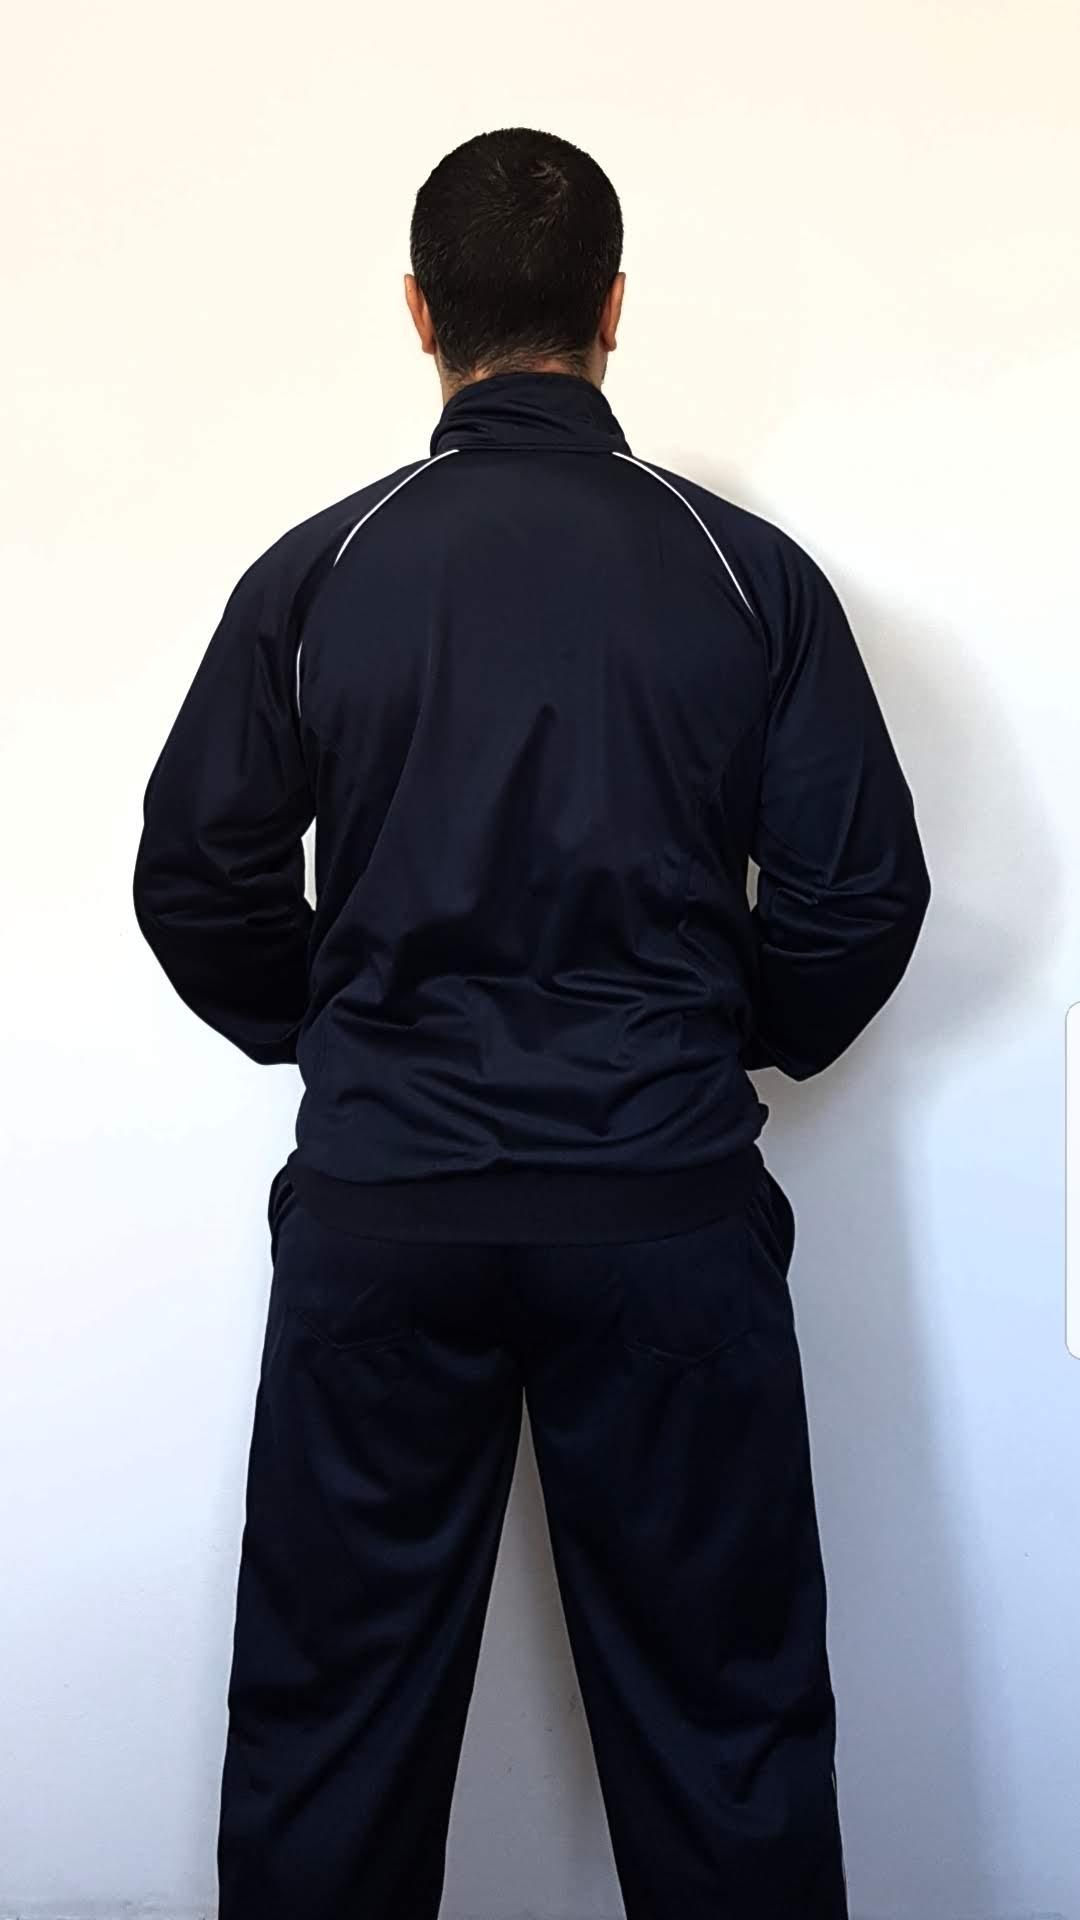 Agasalho Taekwondo Brasil Martial Arts Shodo nas cores: Preto ou Azul escuro